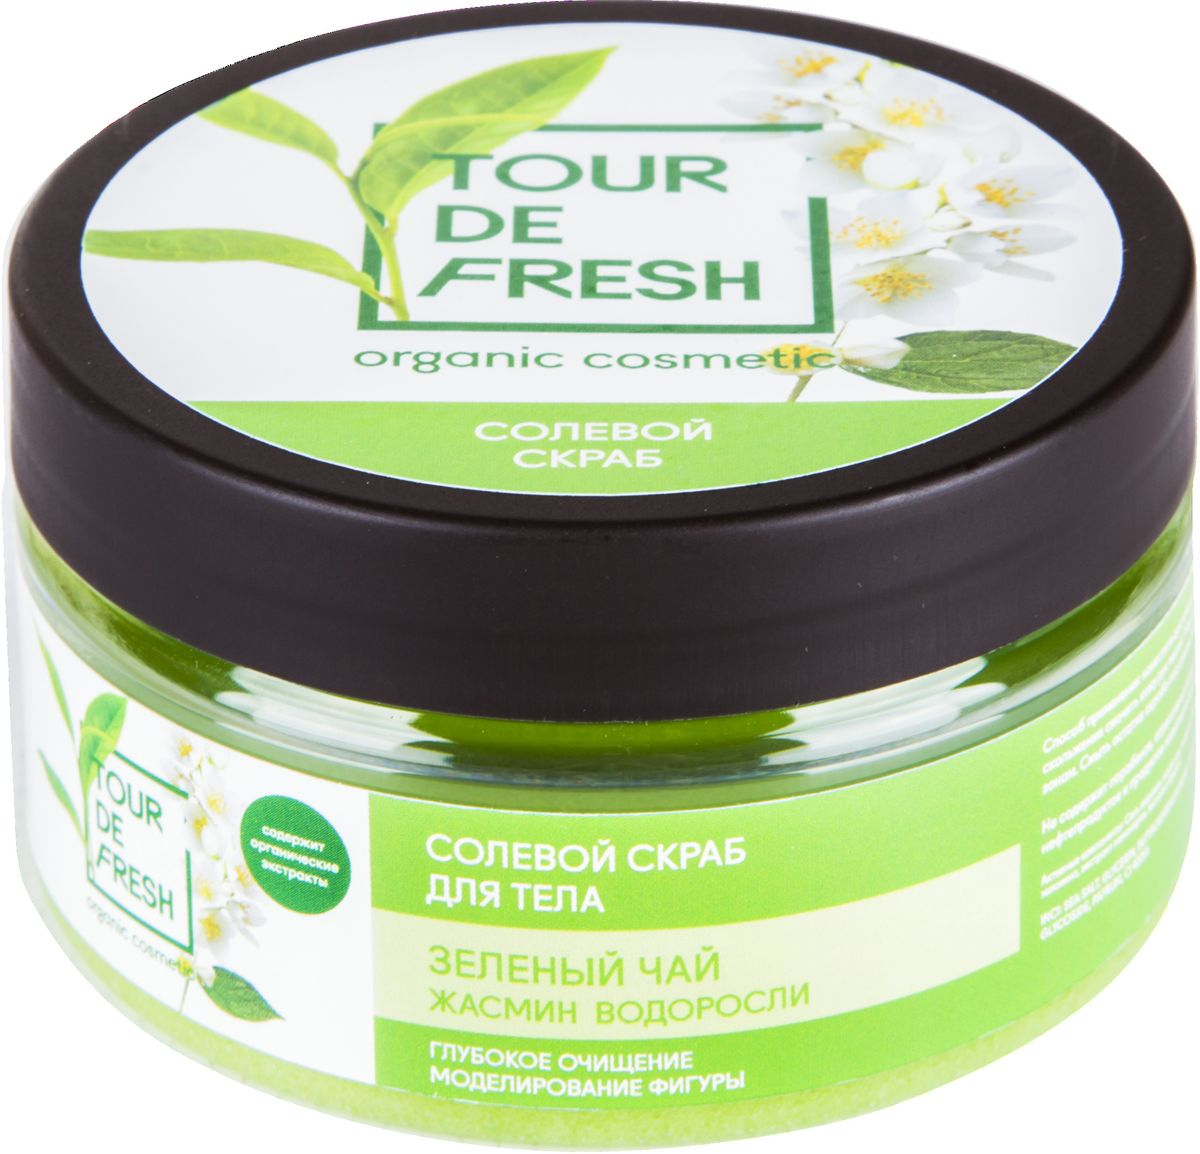 Tour De Fresh Солевой скраб для тела Зеленый чай, жасмин и водоросли, 200 млУФ000000002Скраб для тела с экстрактом морских водорослей глубоко проникает в кожу, бережно ее очищая. Мягкие компоненты солевого скраба оказывают приятное массирующее воздействие на кожу, способствуя моделированию фигуры. Экстракт зеленого чая тонизирует кожу и выводит токсины. Чувственный аромат жасмина окутывает кожу нежным цветочным оттенком и дарит отличное настроение на целый день.